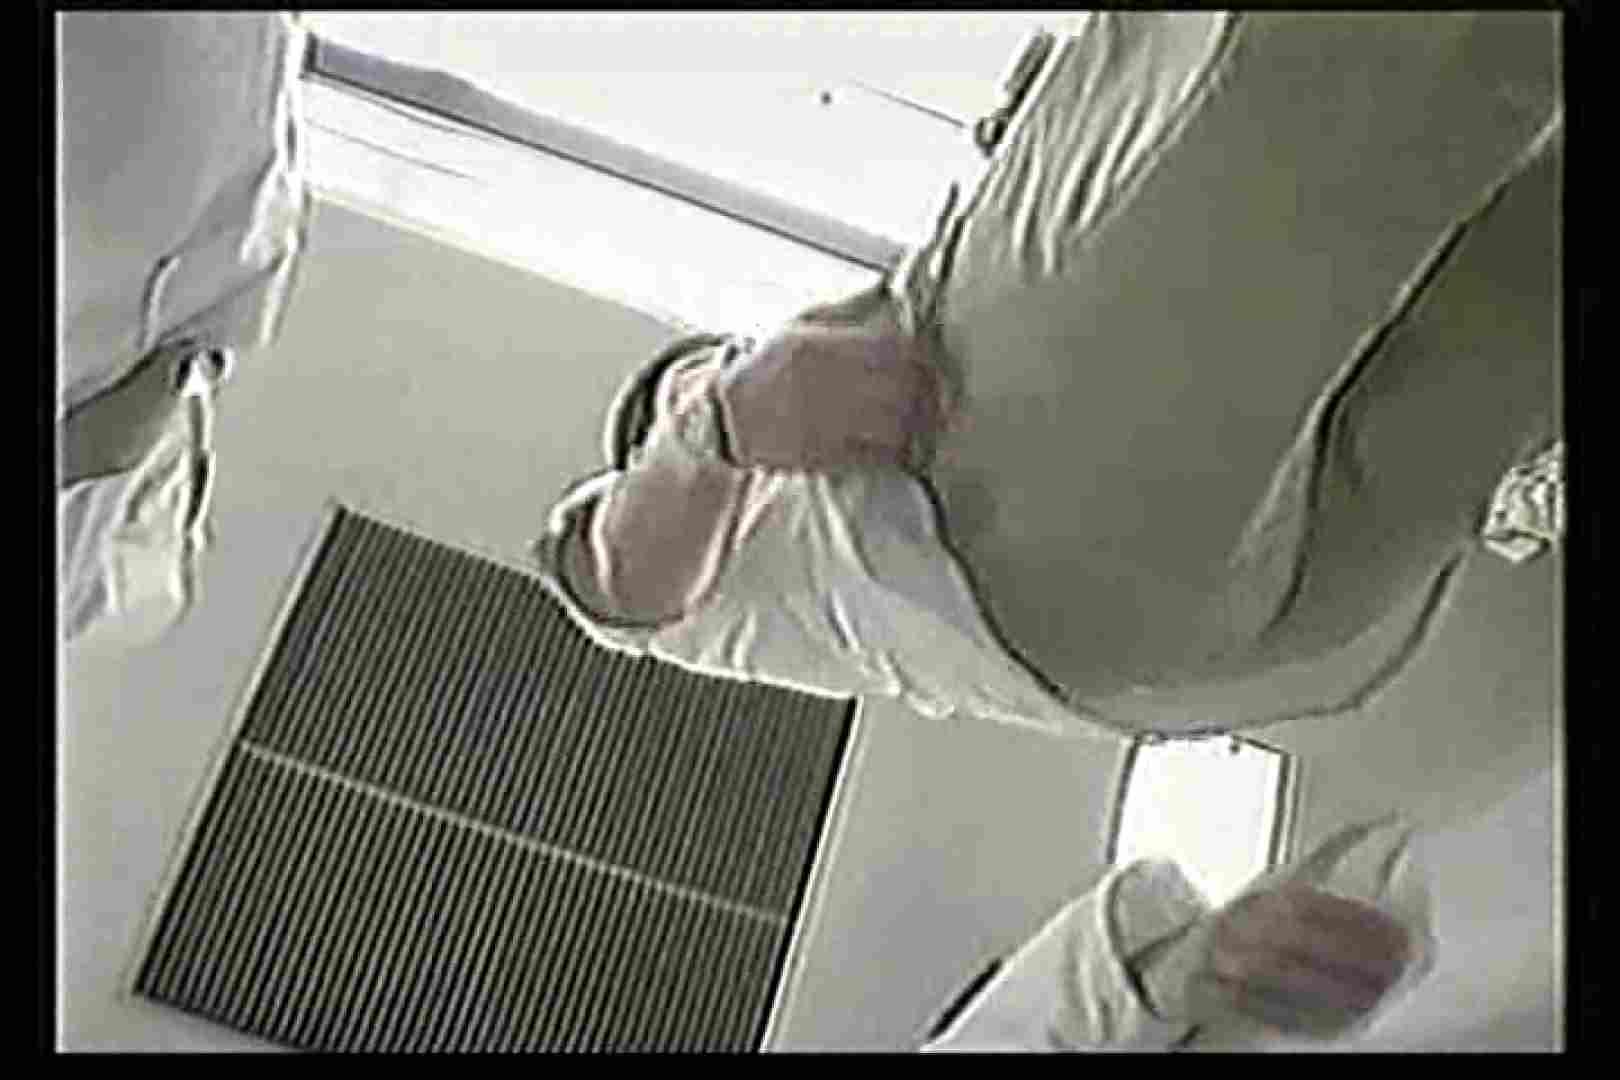 院内密着!看護婦達の下半身事情Vol.2 盗撮特集 のぞき動画キャプチャ 79画像 63